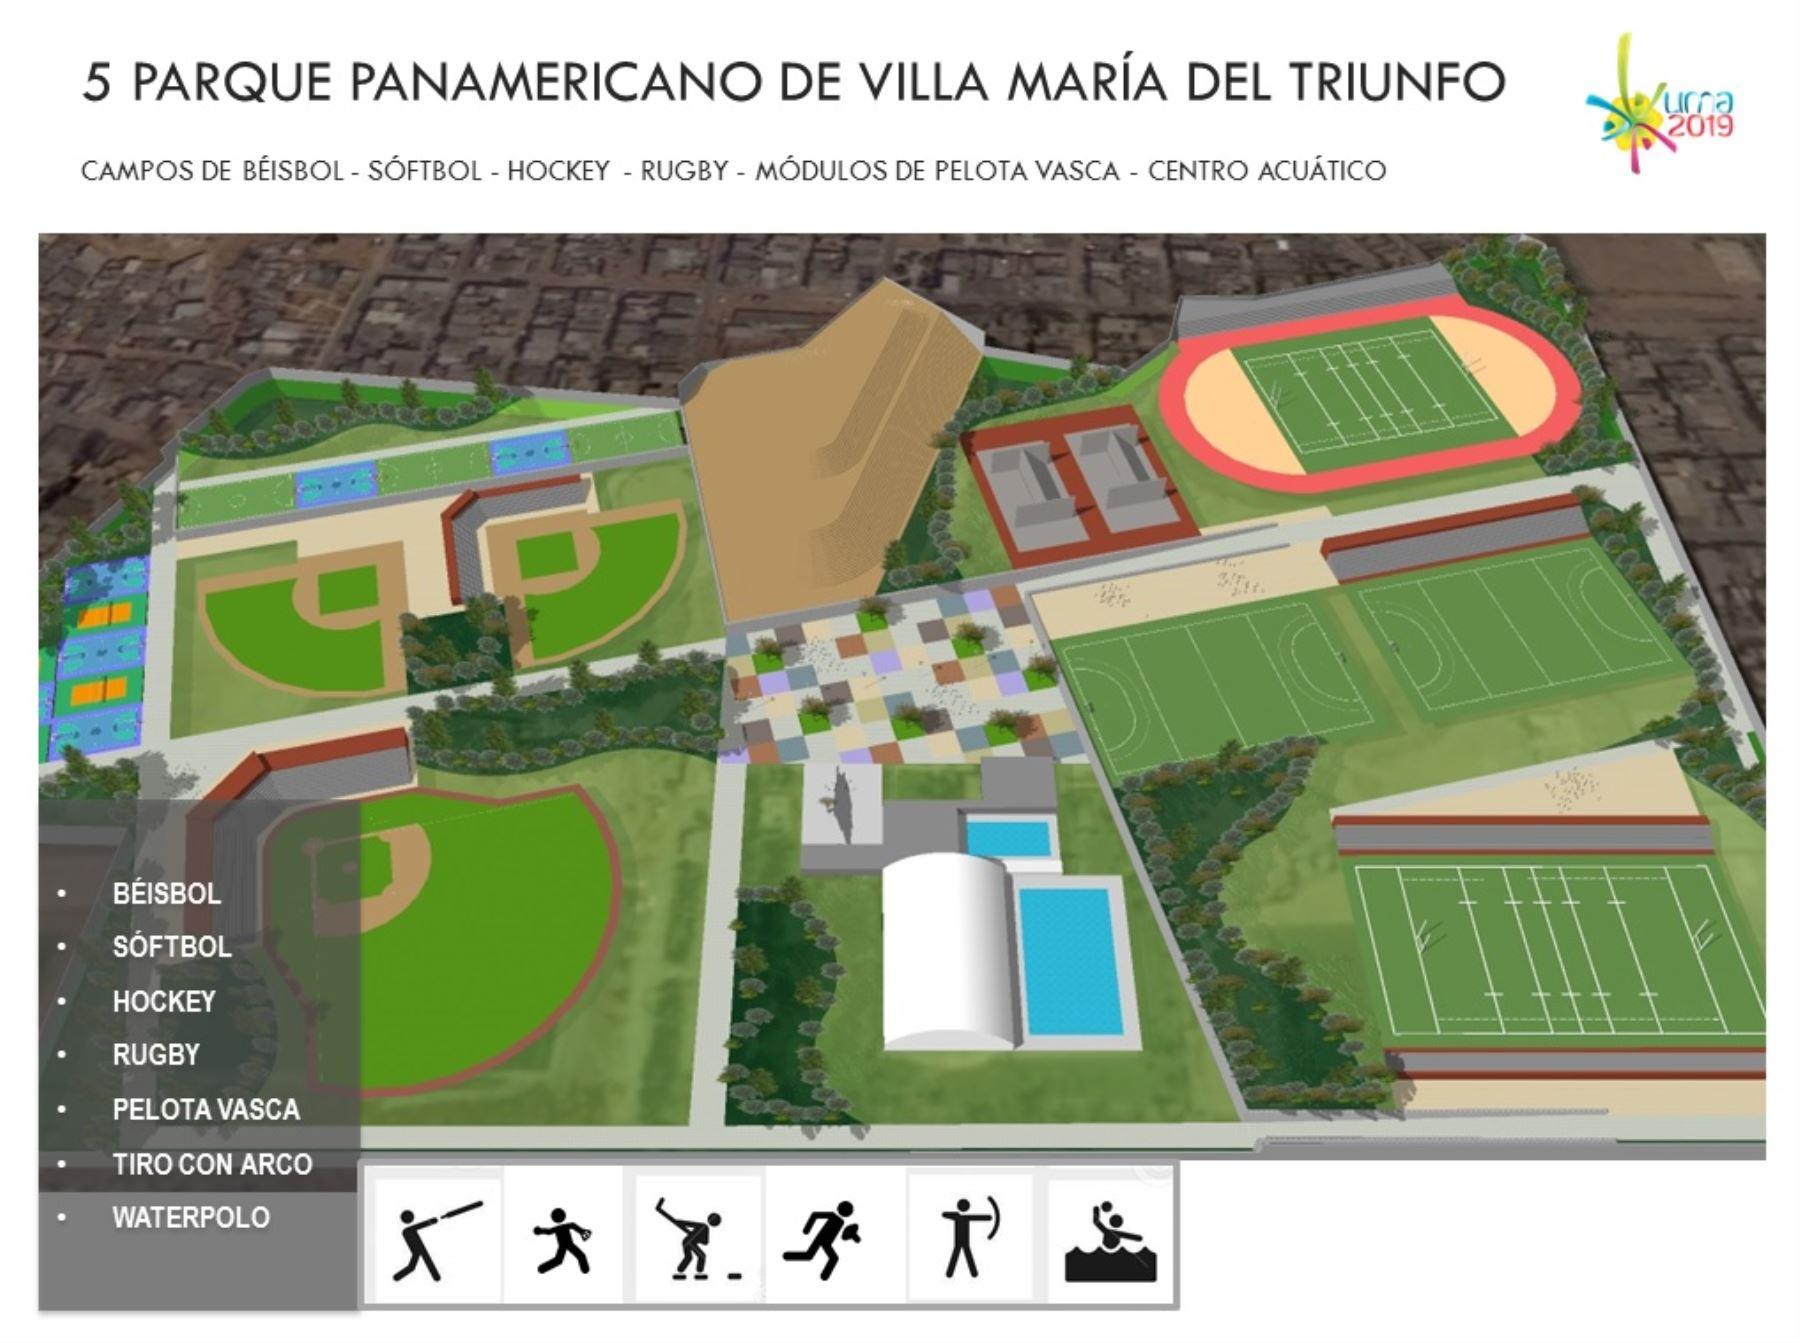 Villa María del Triunfo albergará el certamen